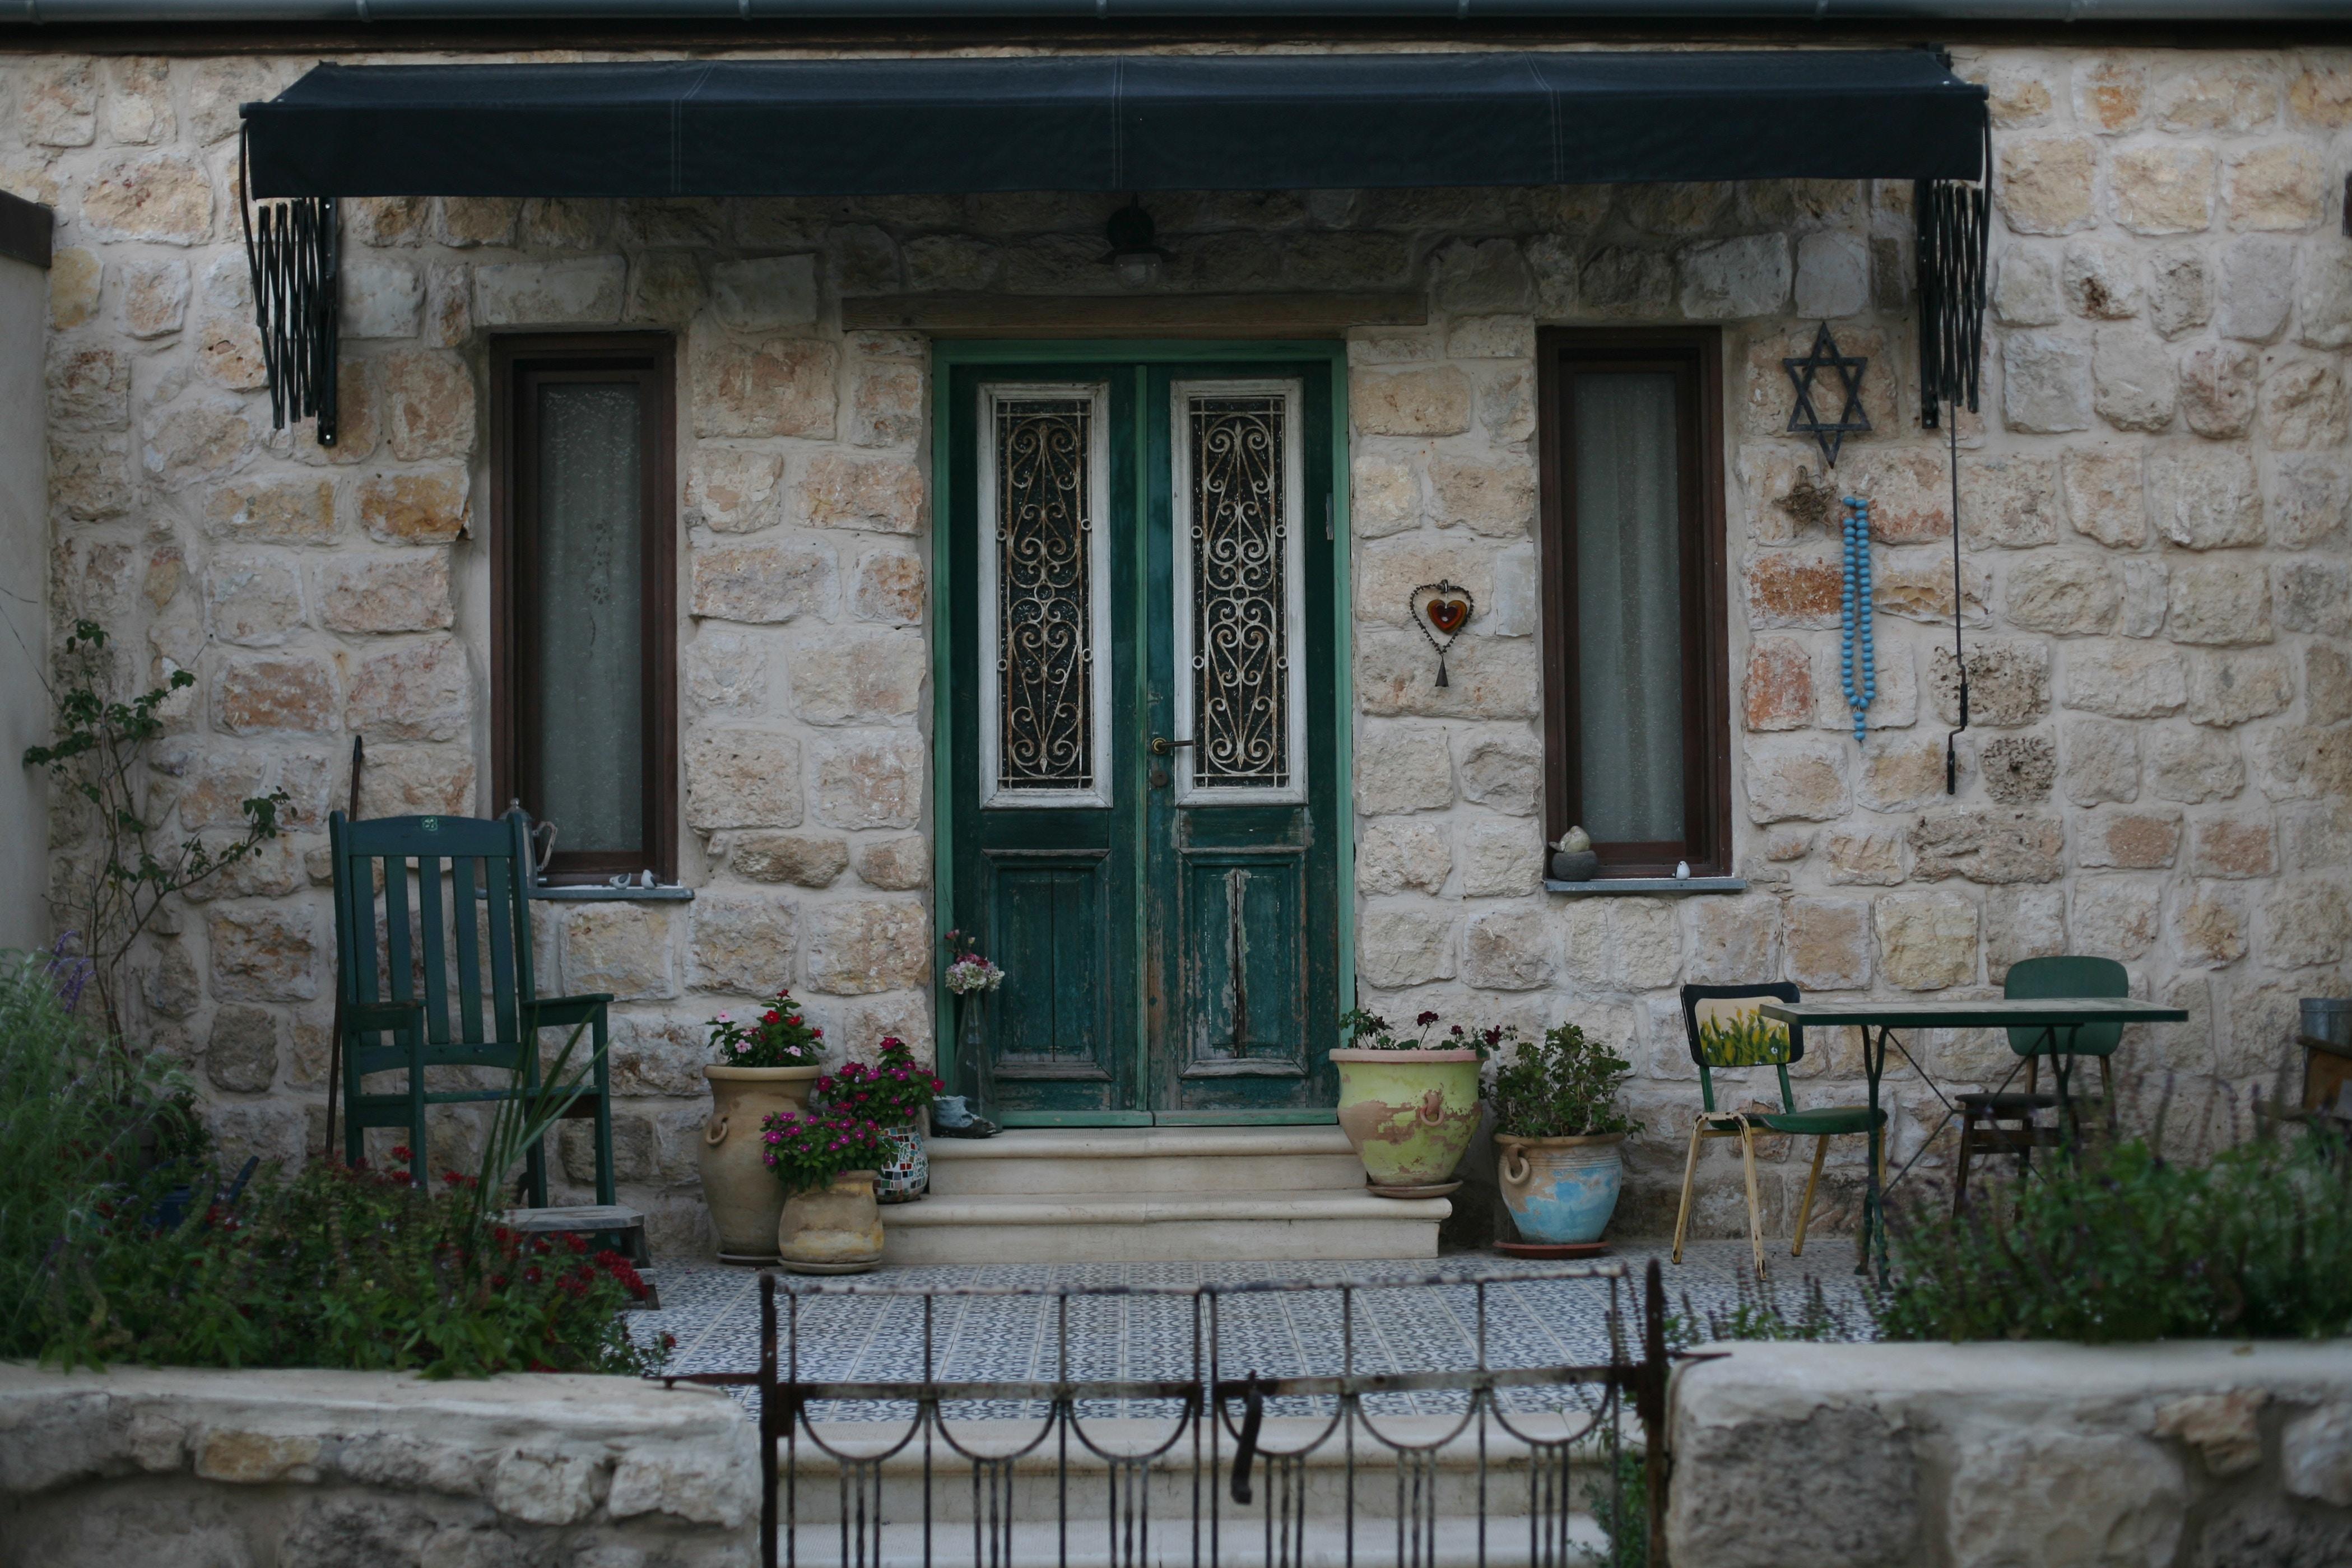 イスラエル料理のおすすめを紹介!現地の朝ごはんから行列の街中フードまで!